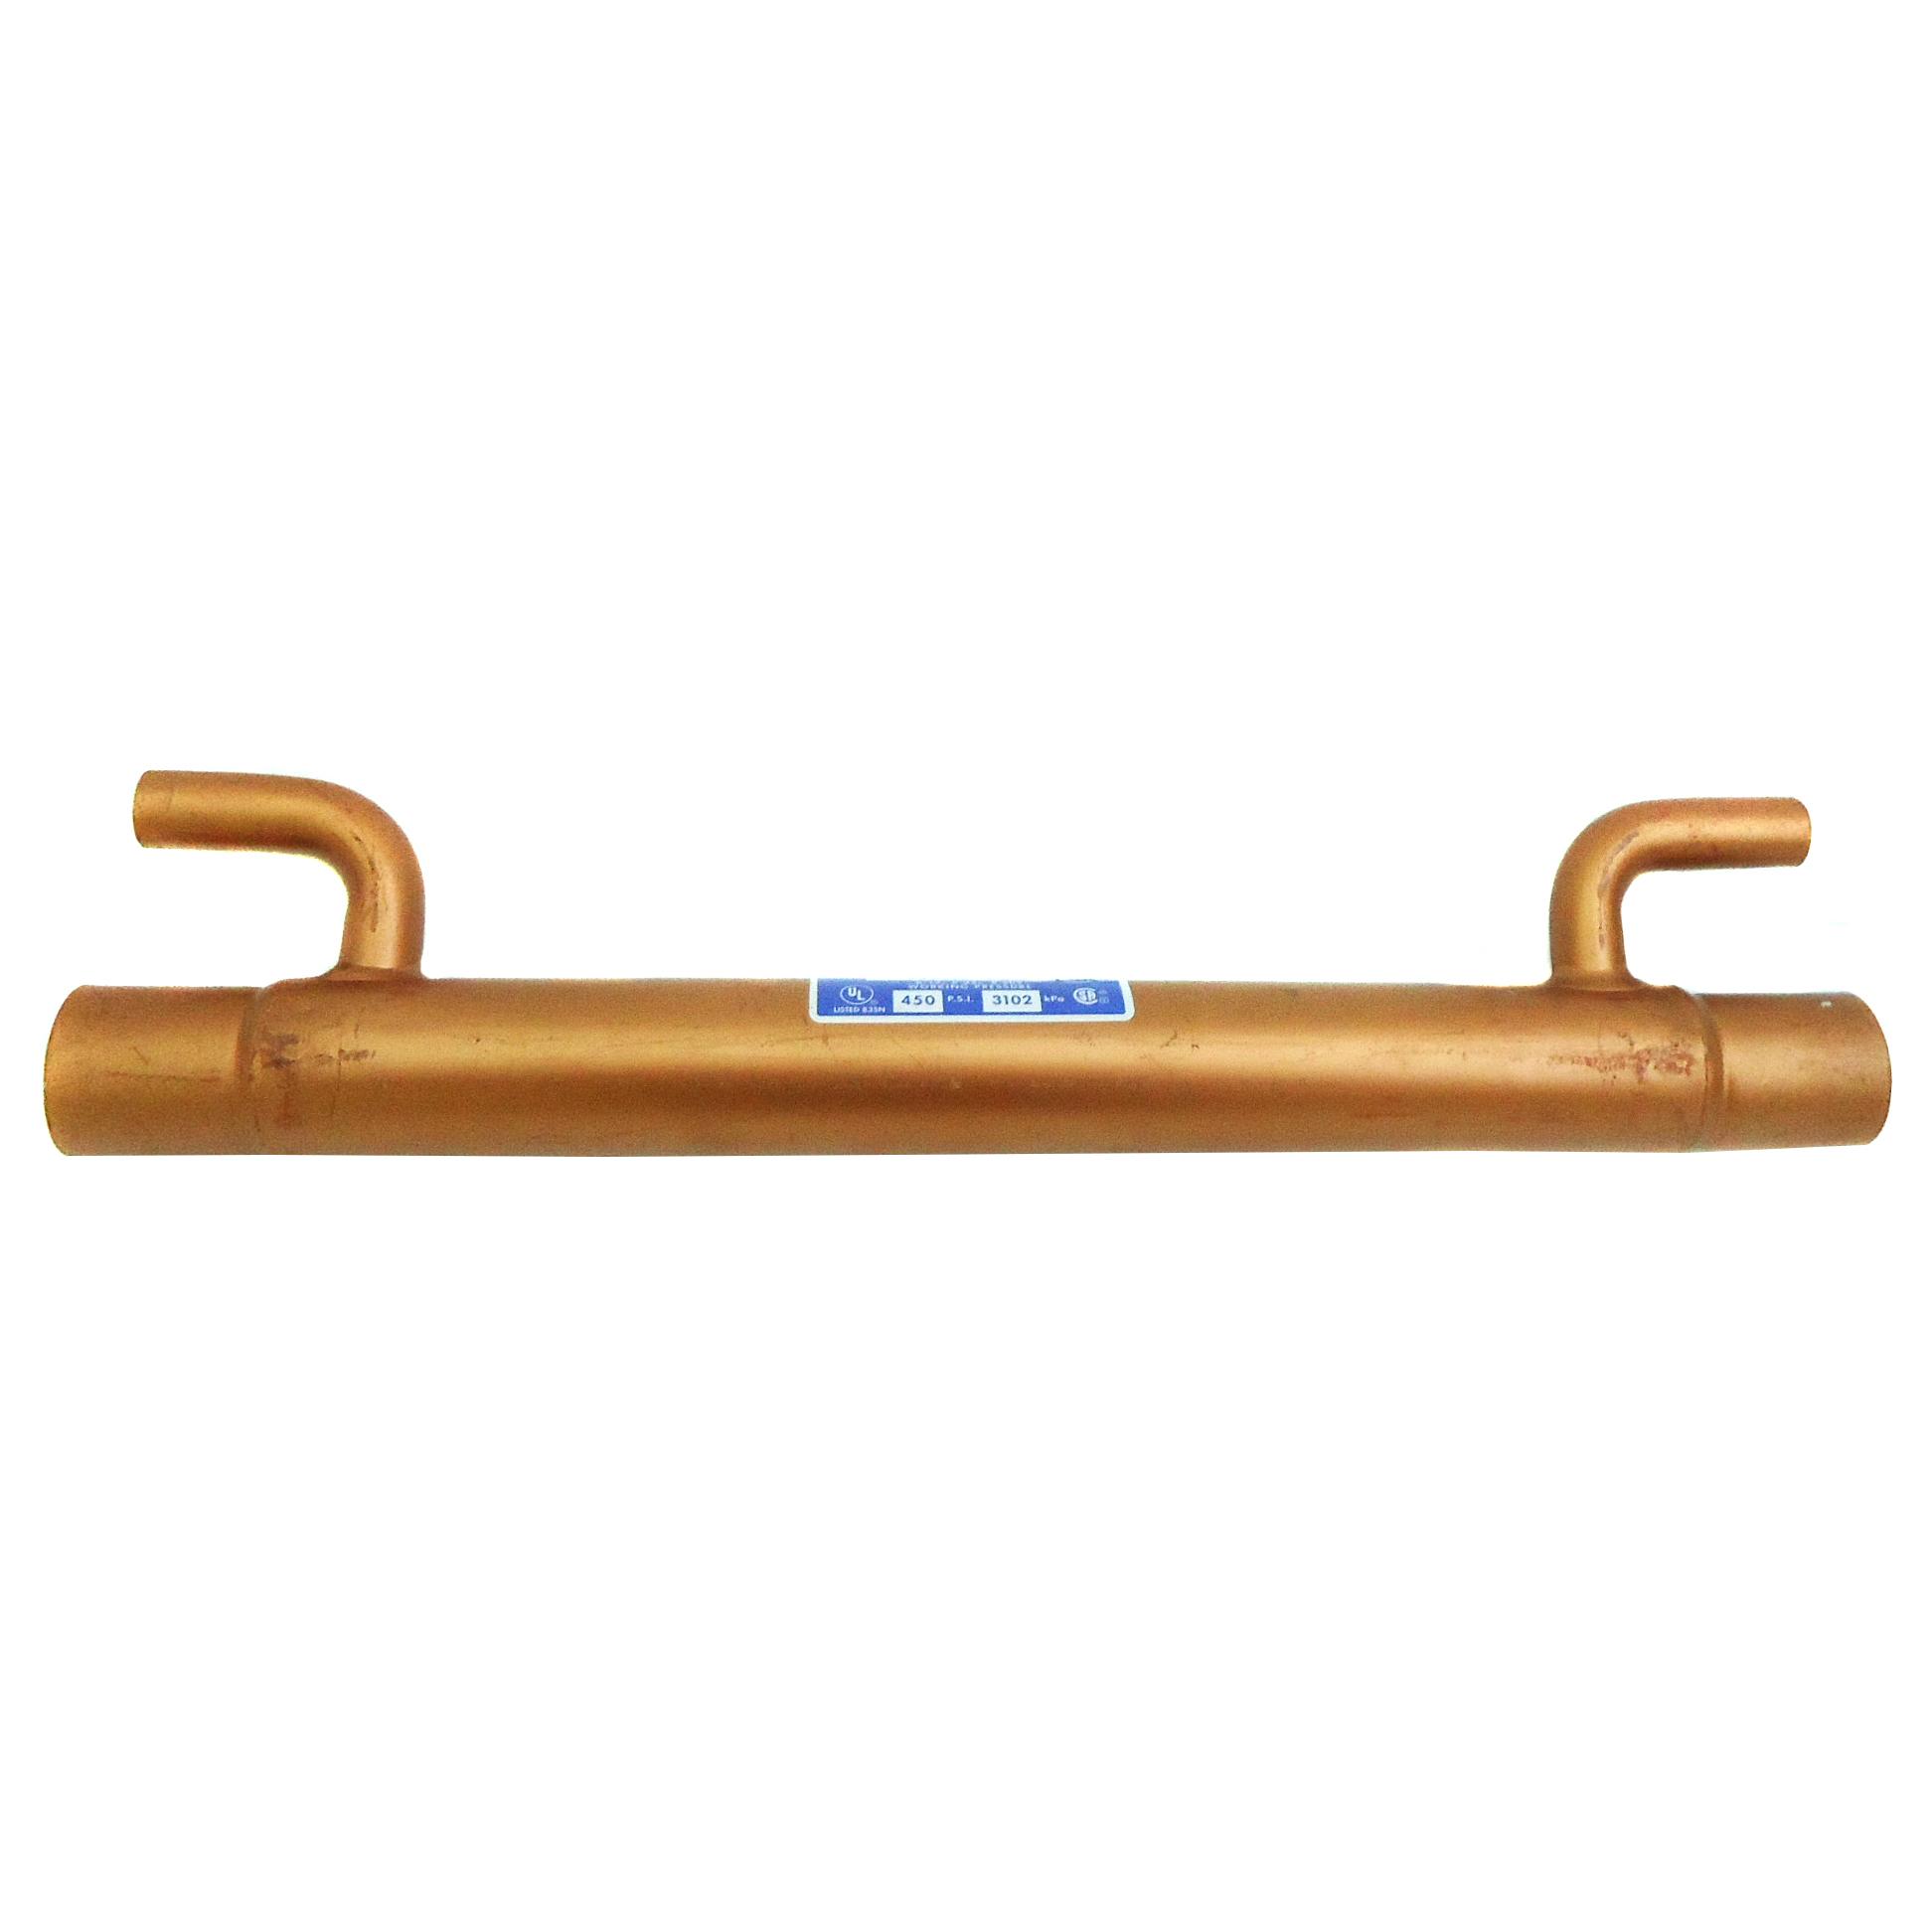 """HXR -150 Αυλωτός Εναλλάκτης Θερμότητας - Διατομή: 1/2"""" - 1-1/8"""" (12mm-28mm) εξαρτήματα ψύξης   κλιματισμός   δοχεία για ψύκτες νερού  προσφορές   εξαρτήματα"""